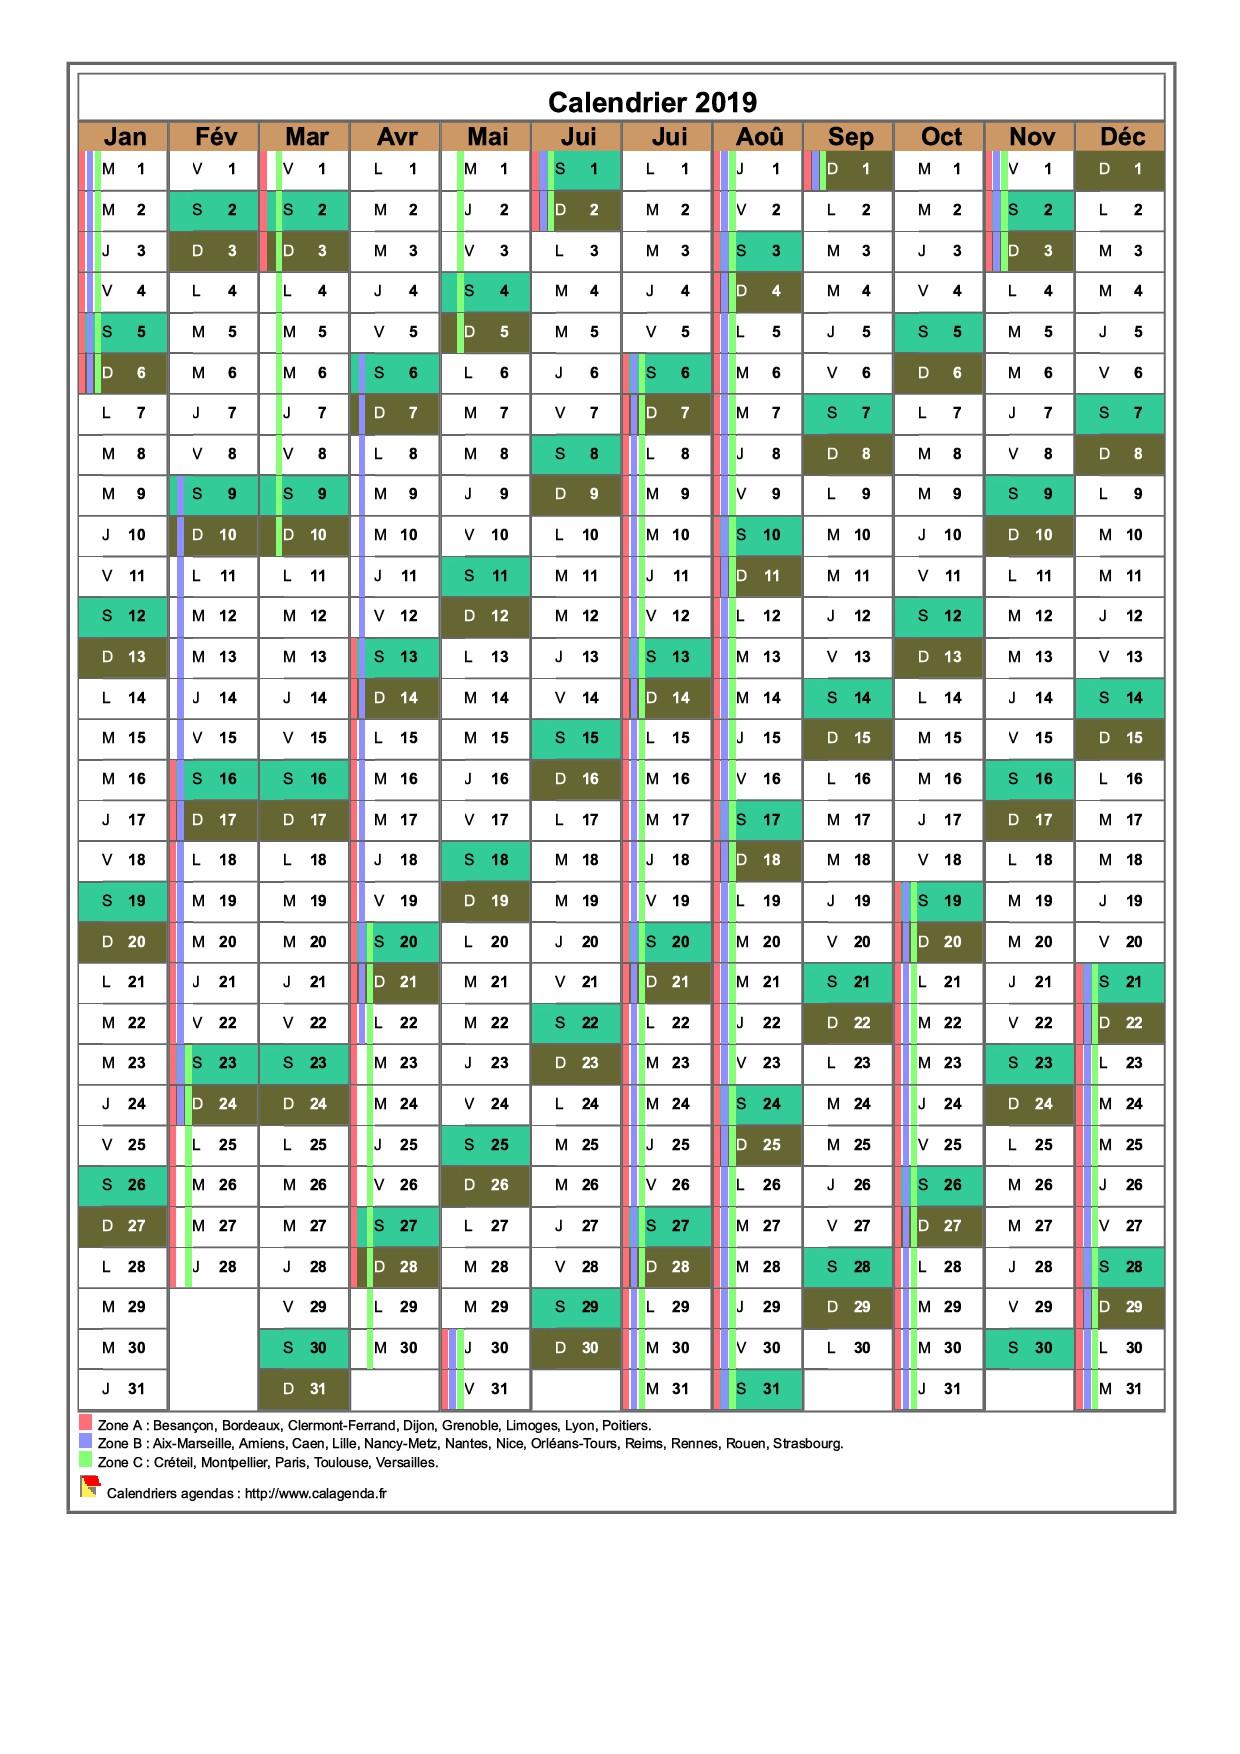 Calendrier 2019 annuel, 12 colonnes, avec les vacances scolaires